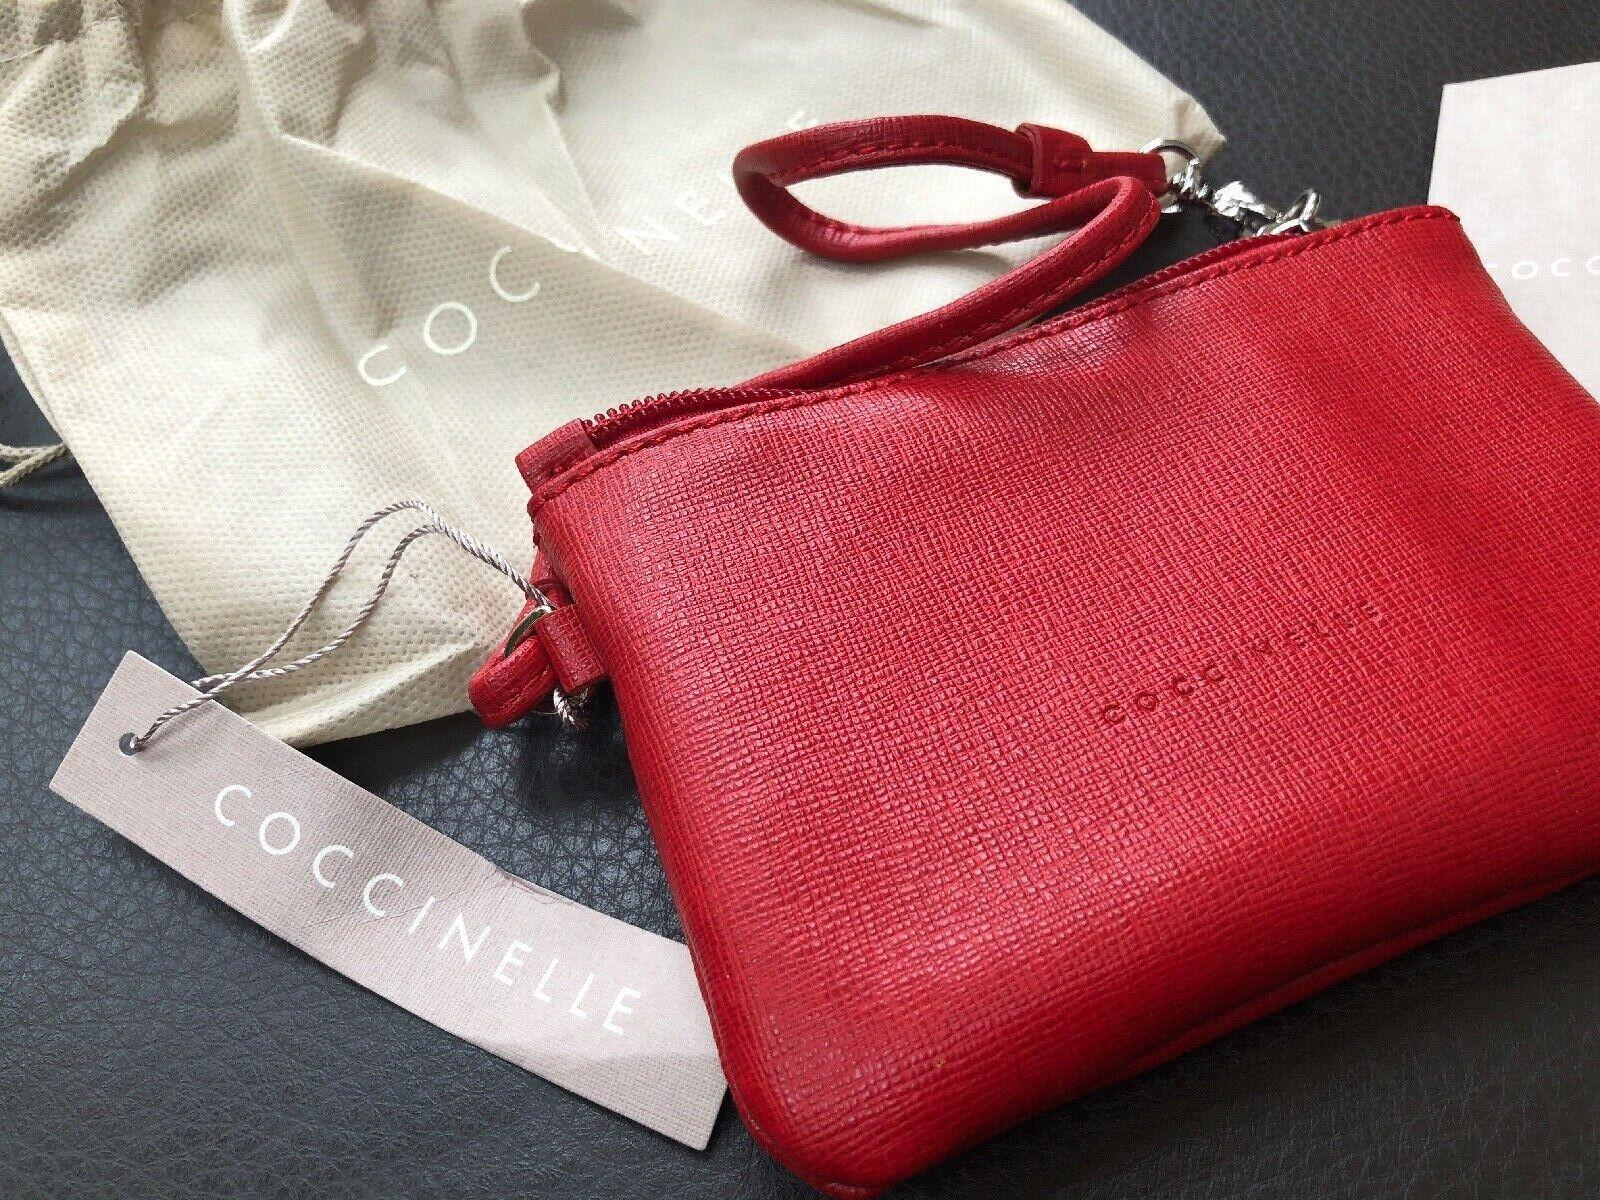 COCCINELLE Neue Clutch 100% Leder Rot Kosmetiktasche Geldbörse Damentasche